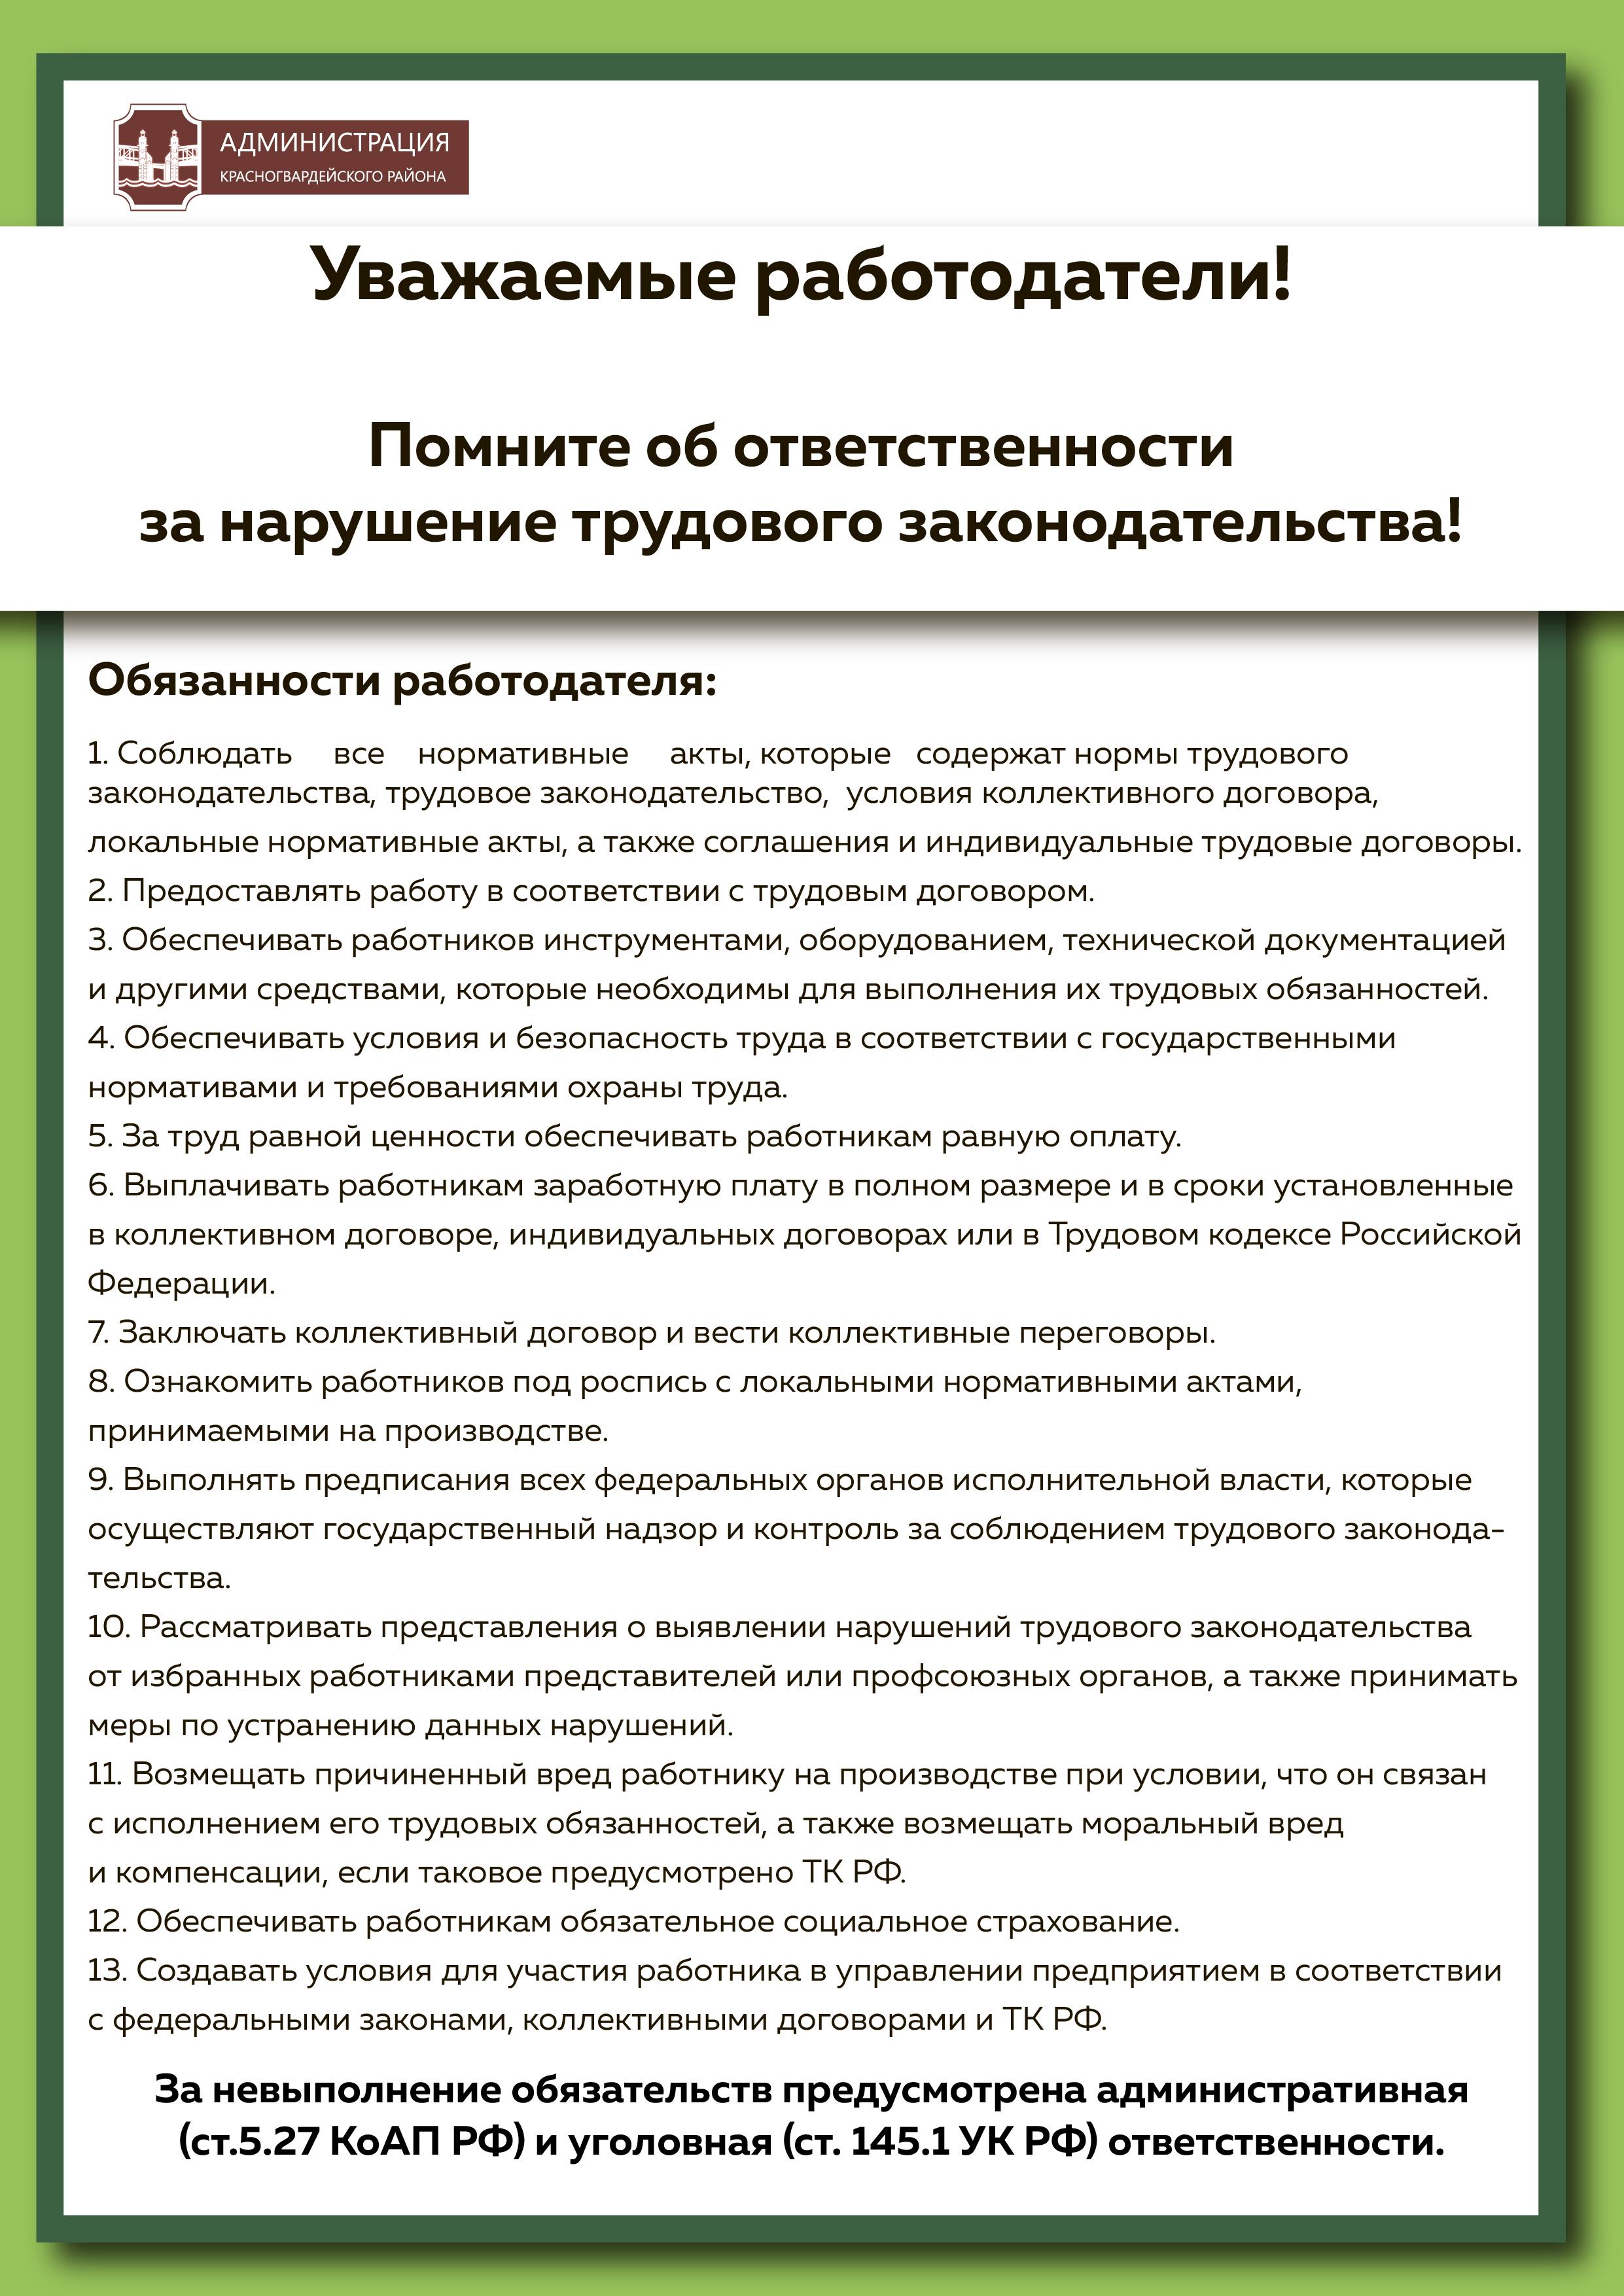 Ооо кухонный завод отзывы - ответы от официального представителя - первый независимый сайт отзывов россии